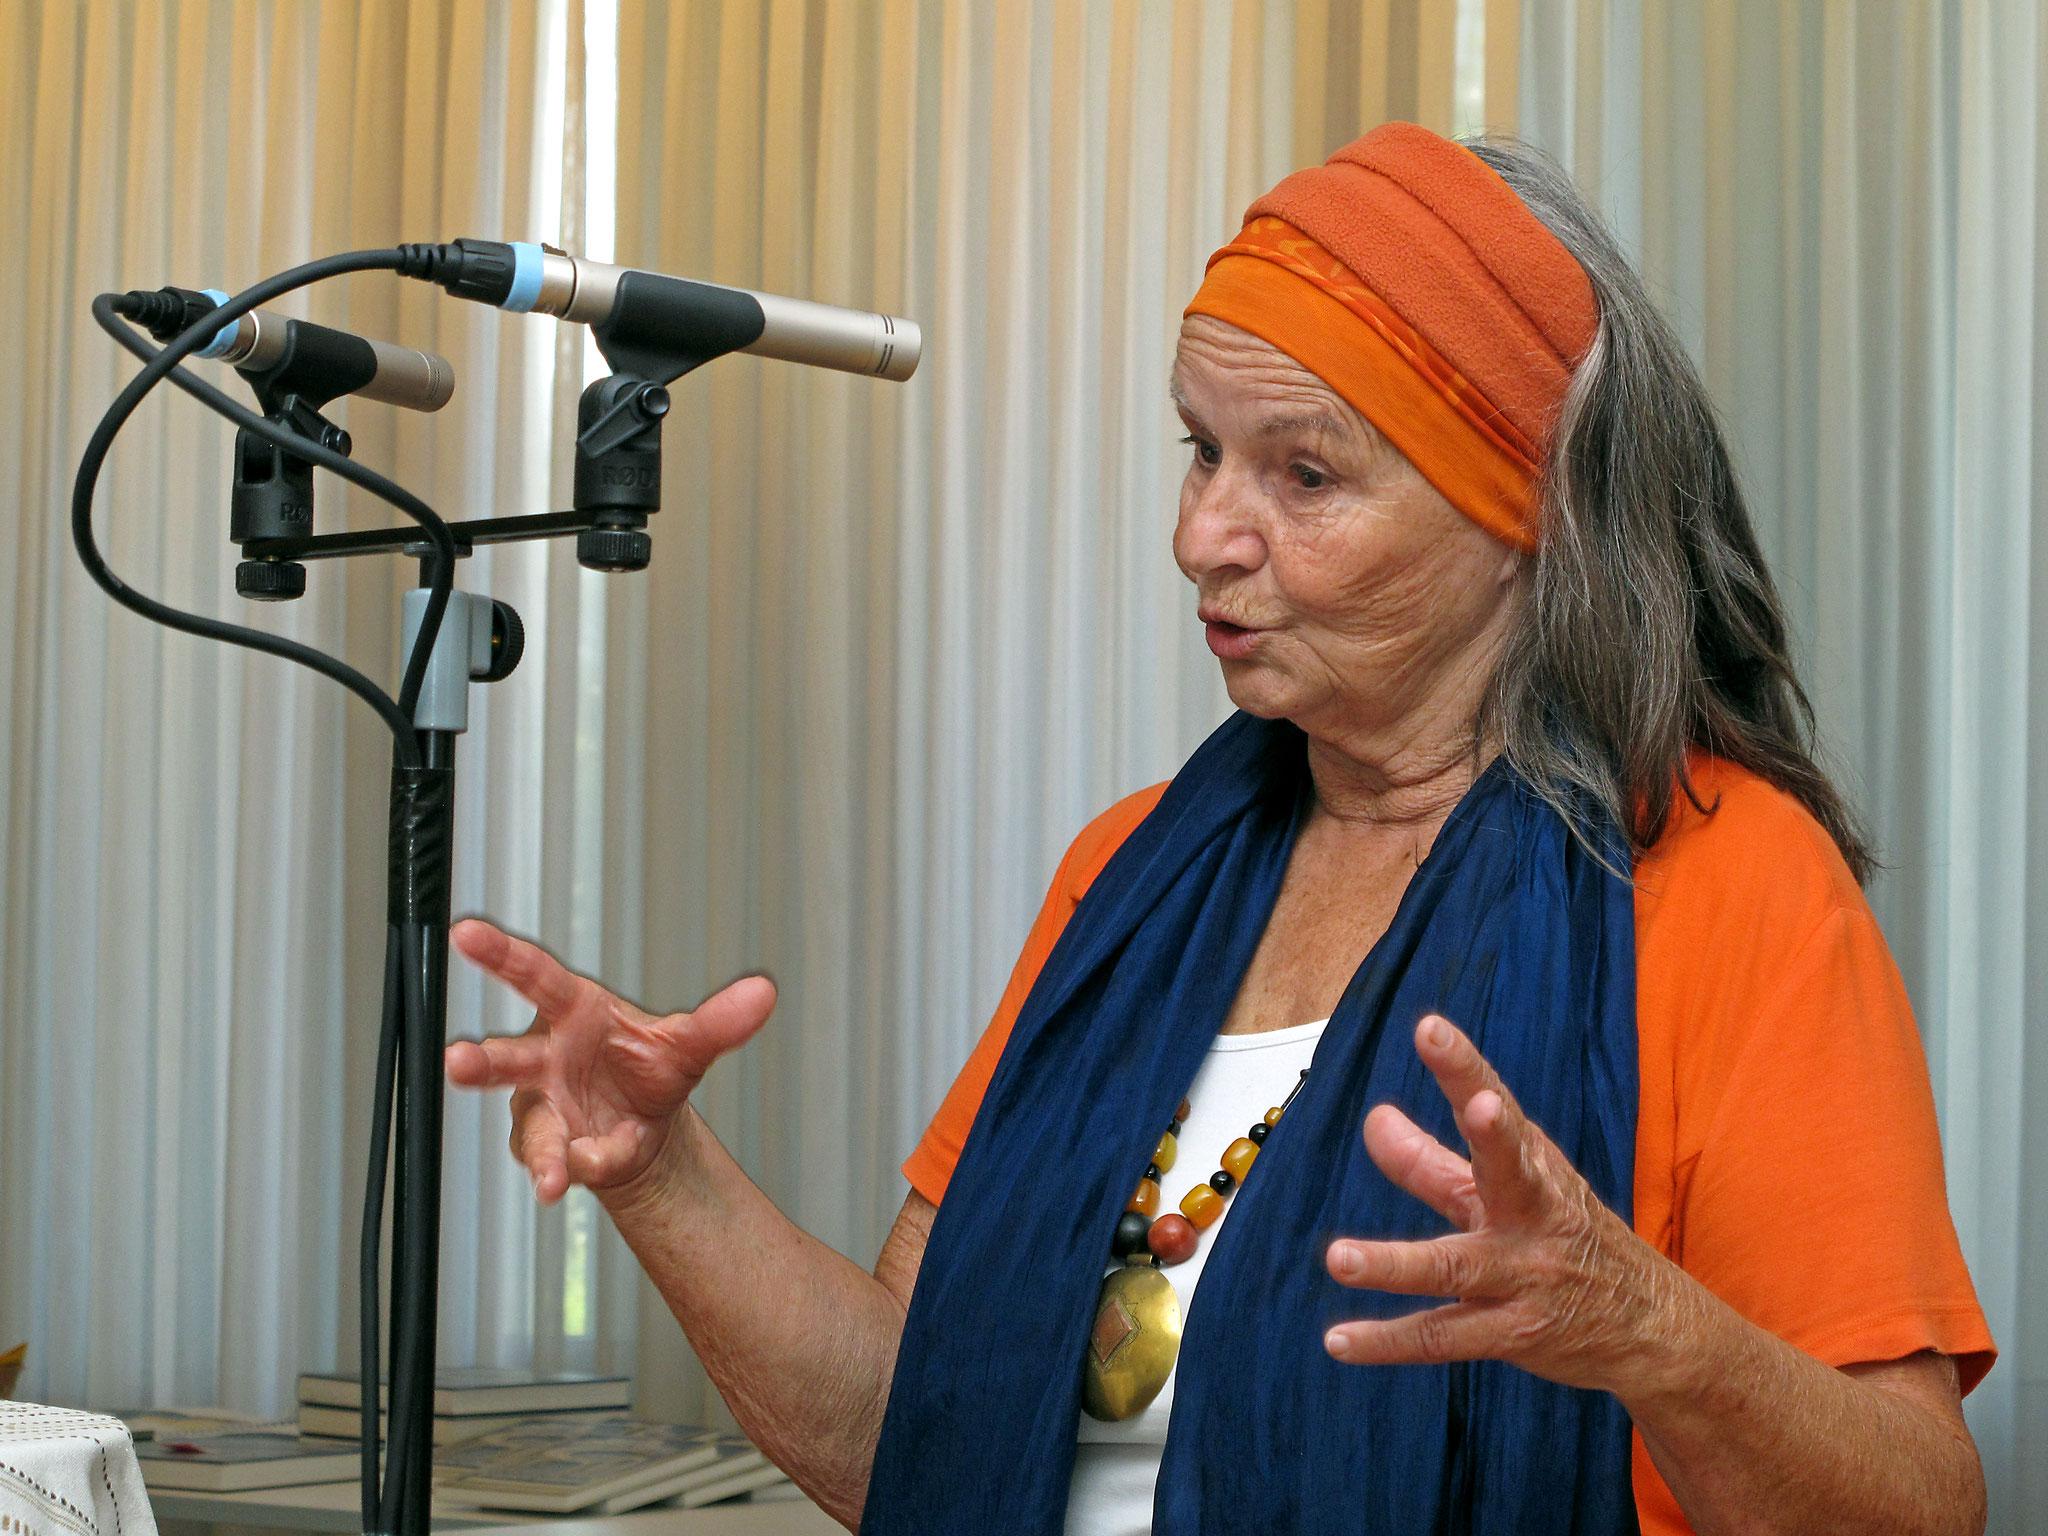 Frau Simone Peyer erzählt Weisheitsgeschichten - interessante Lebenshilfen